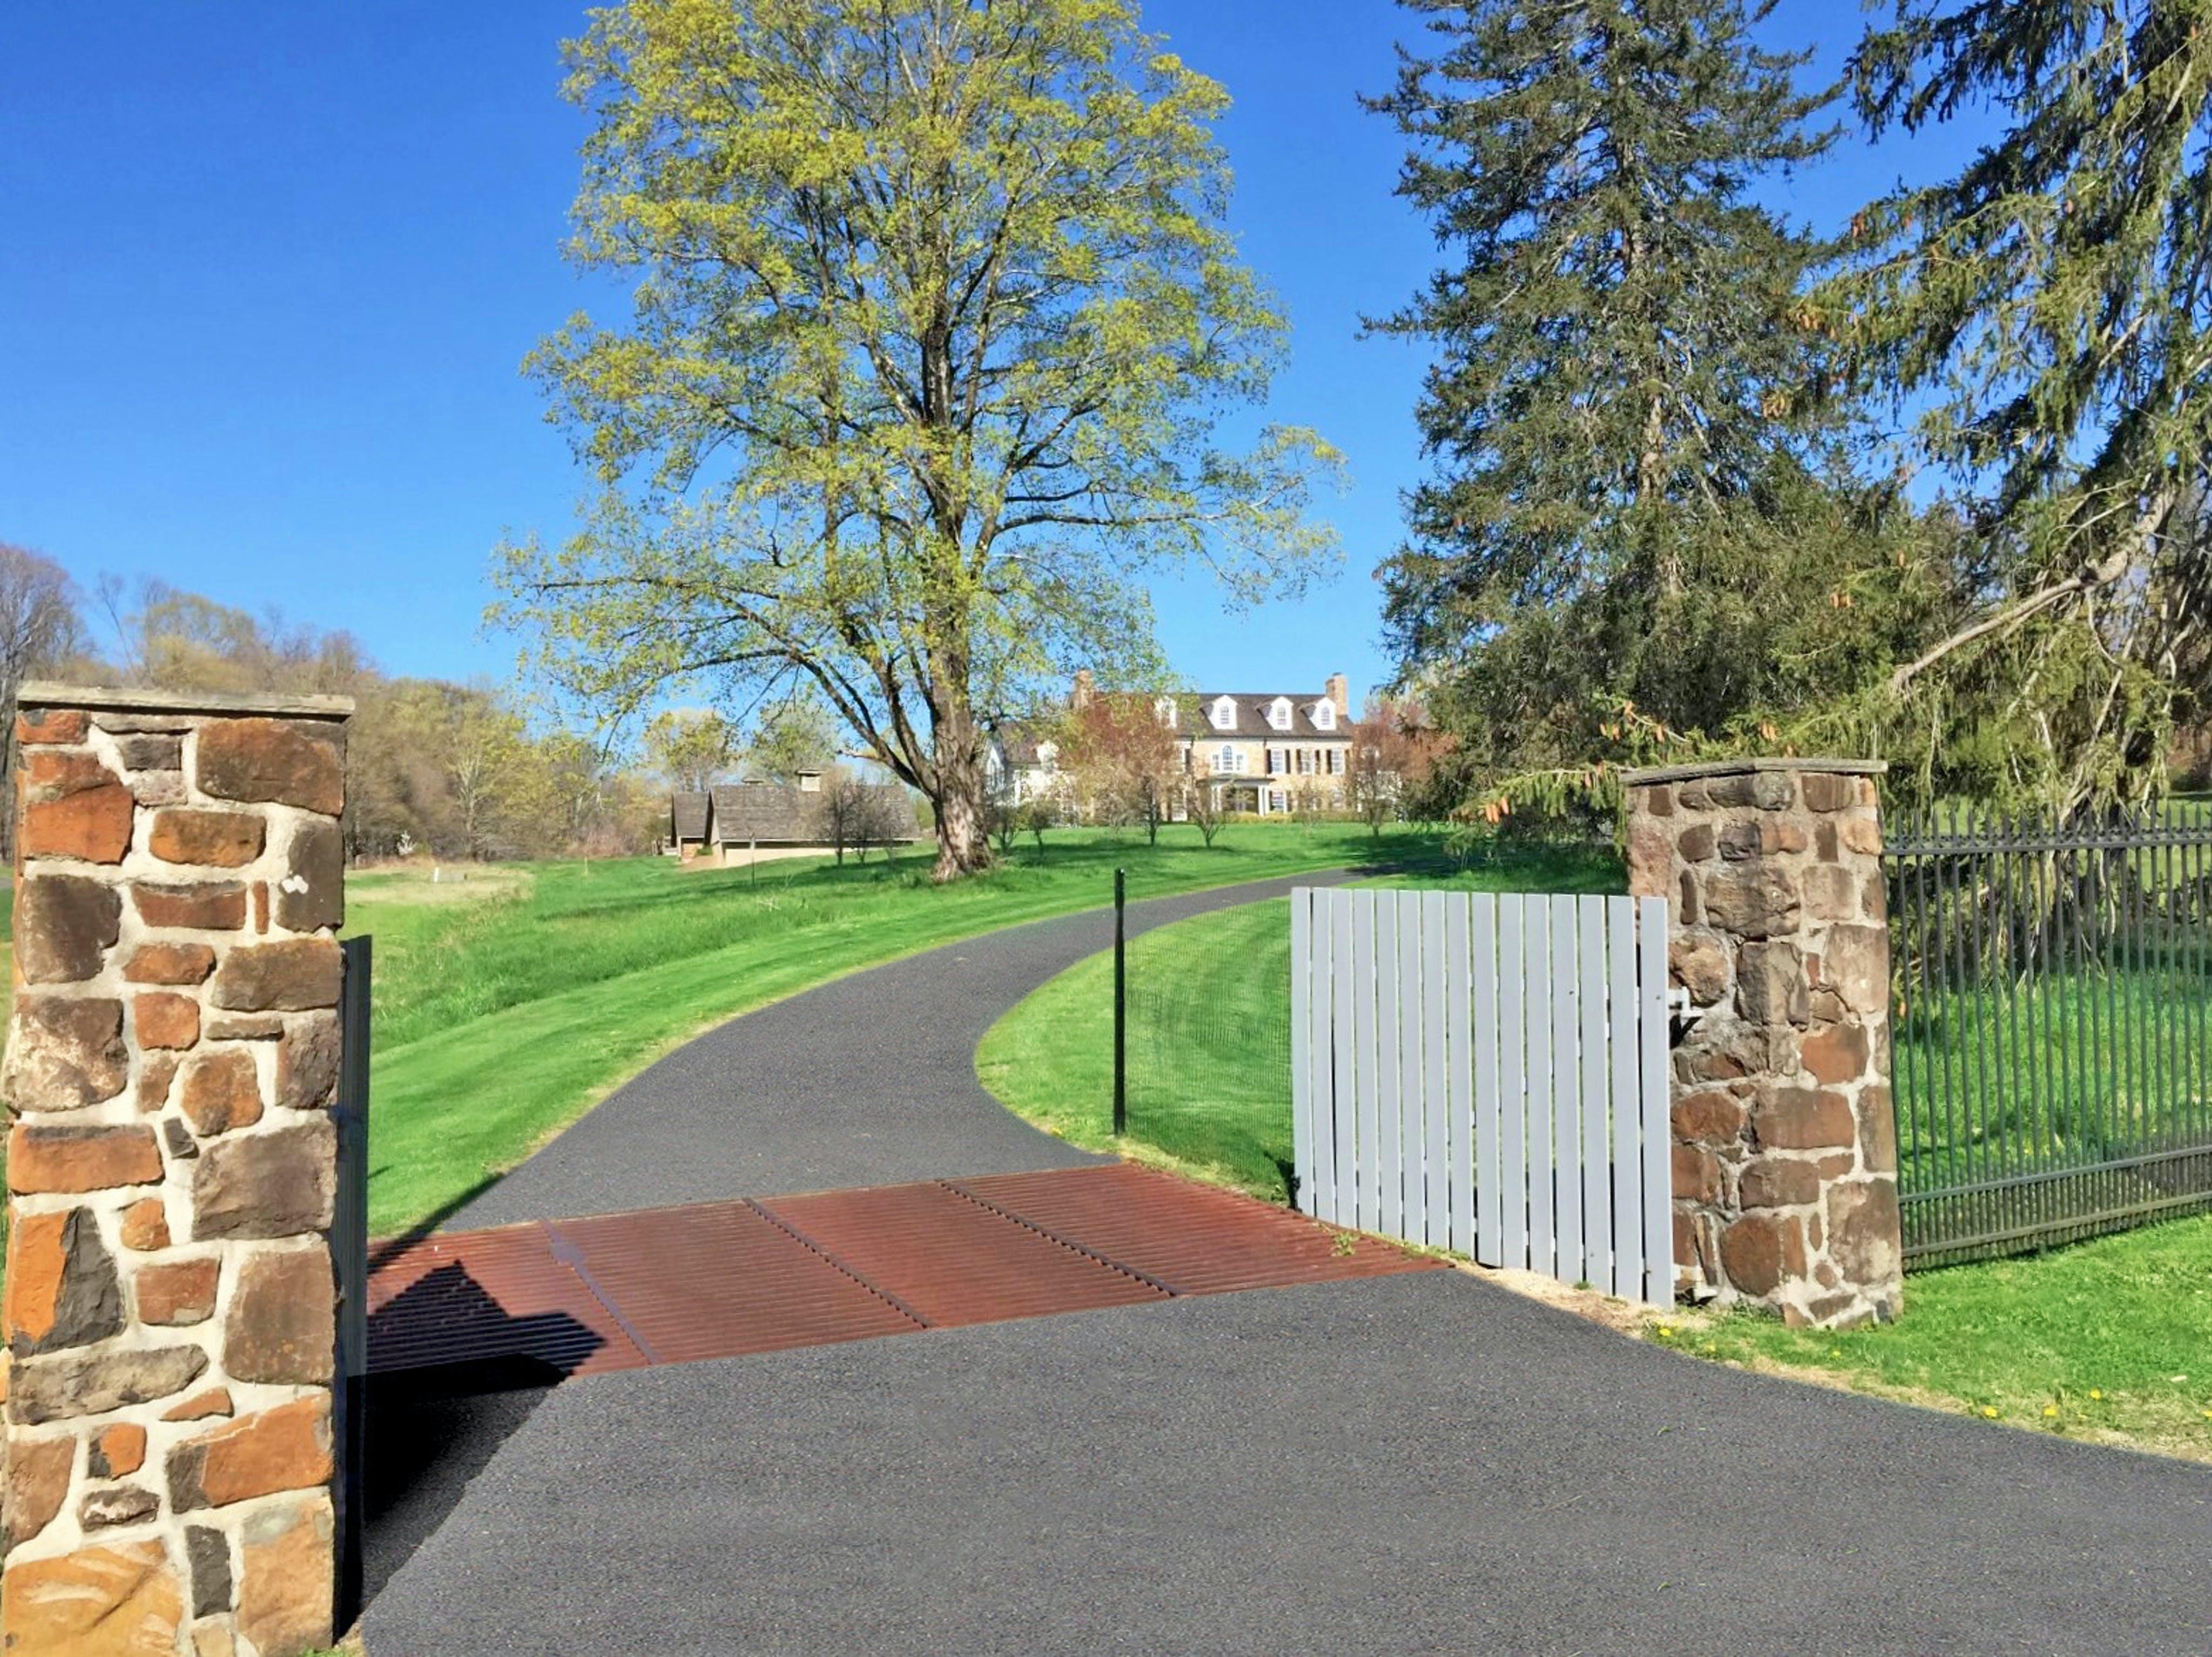 607 Spring Valley Road Entry Pillars